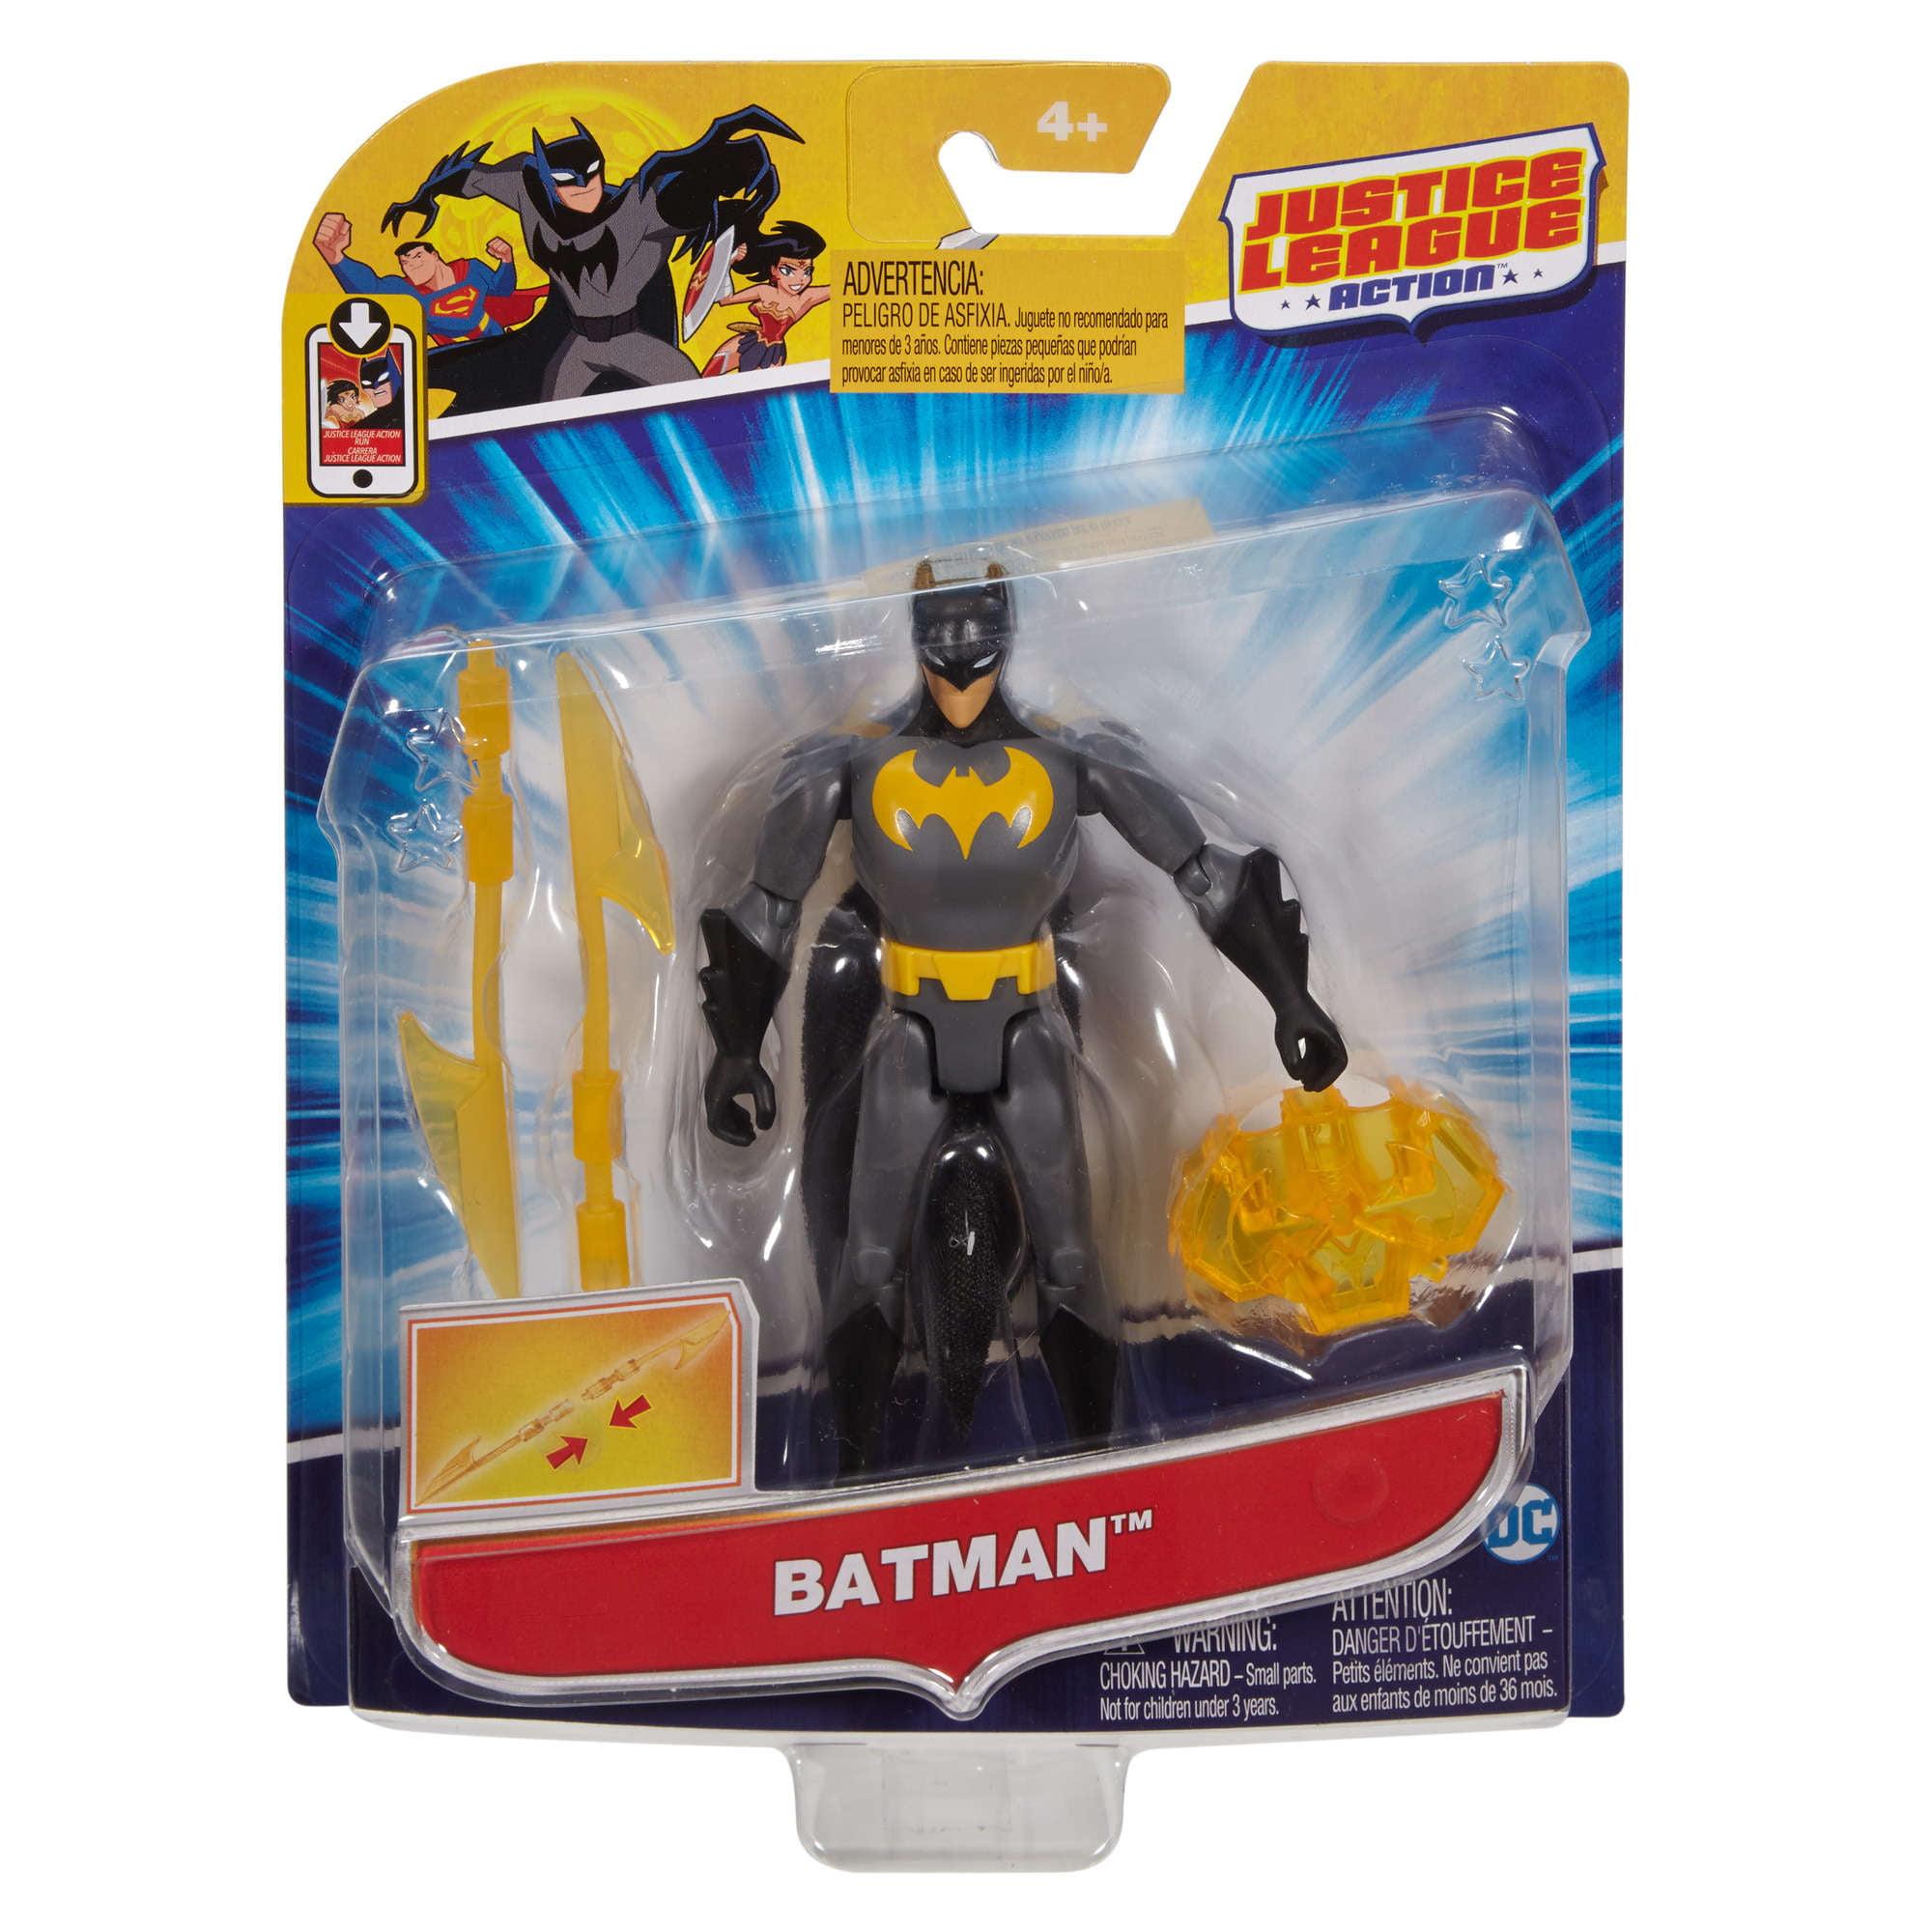 Justice League Action Stealth Mission Batman Figure